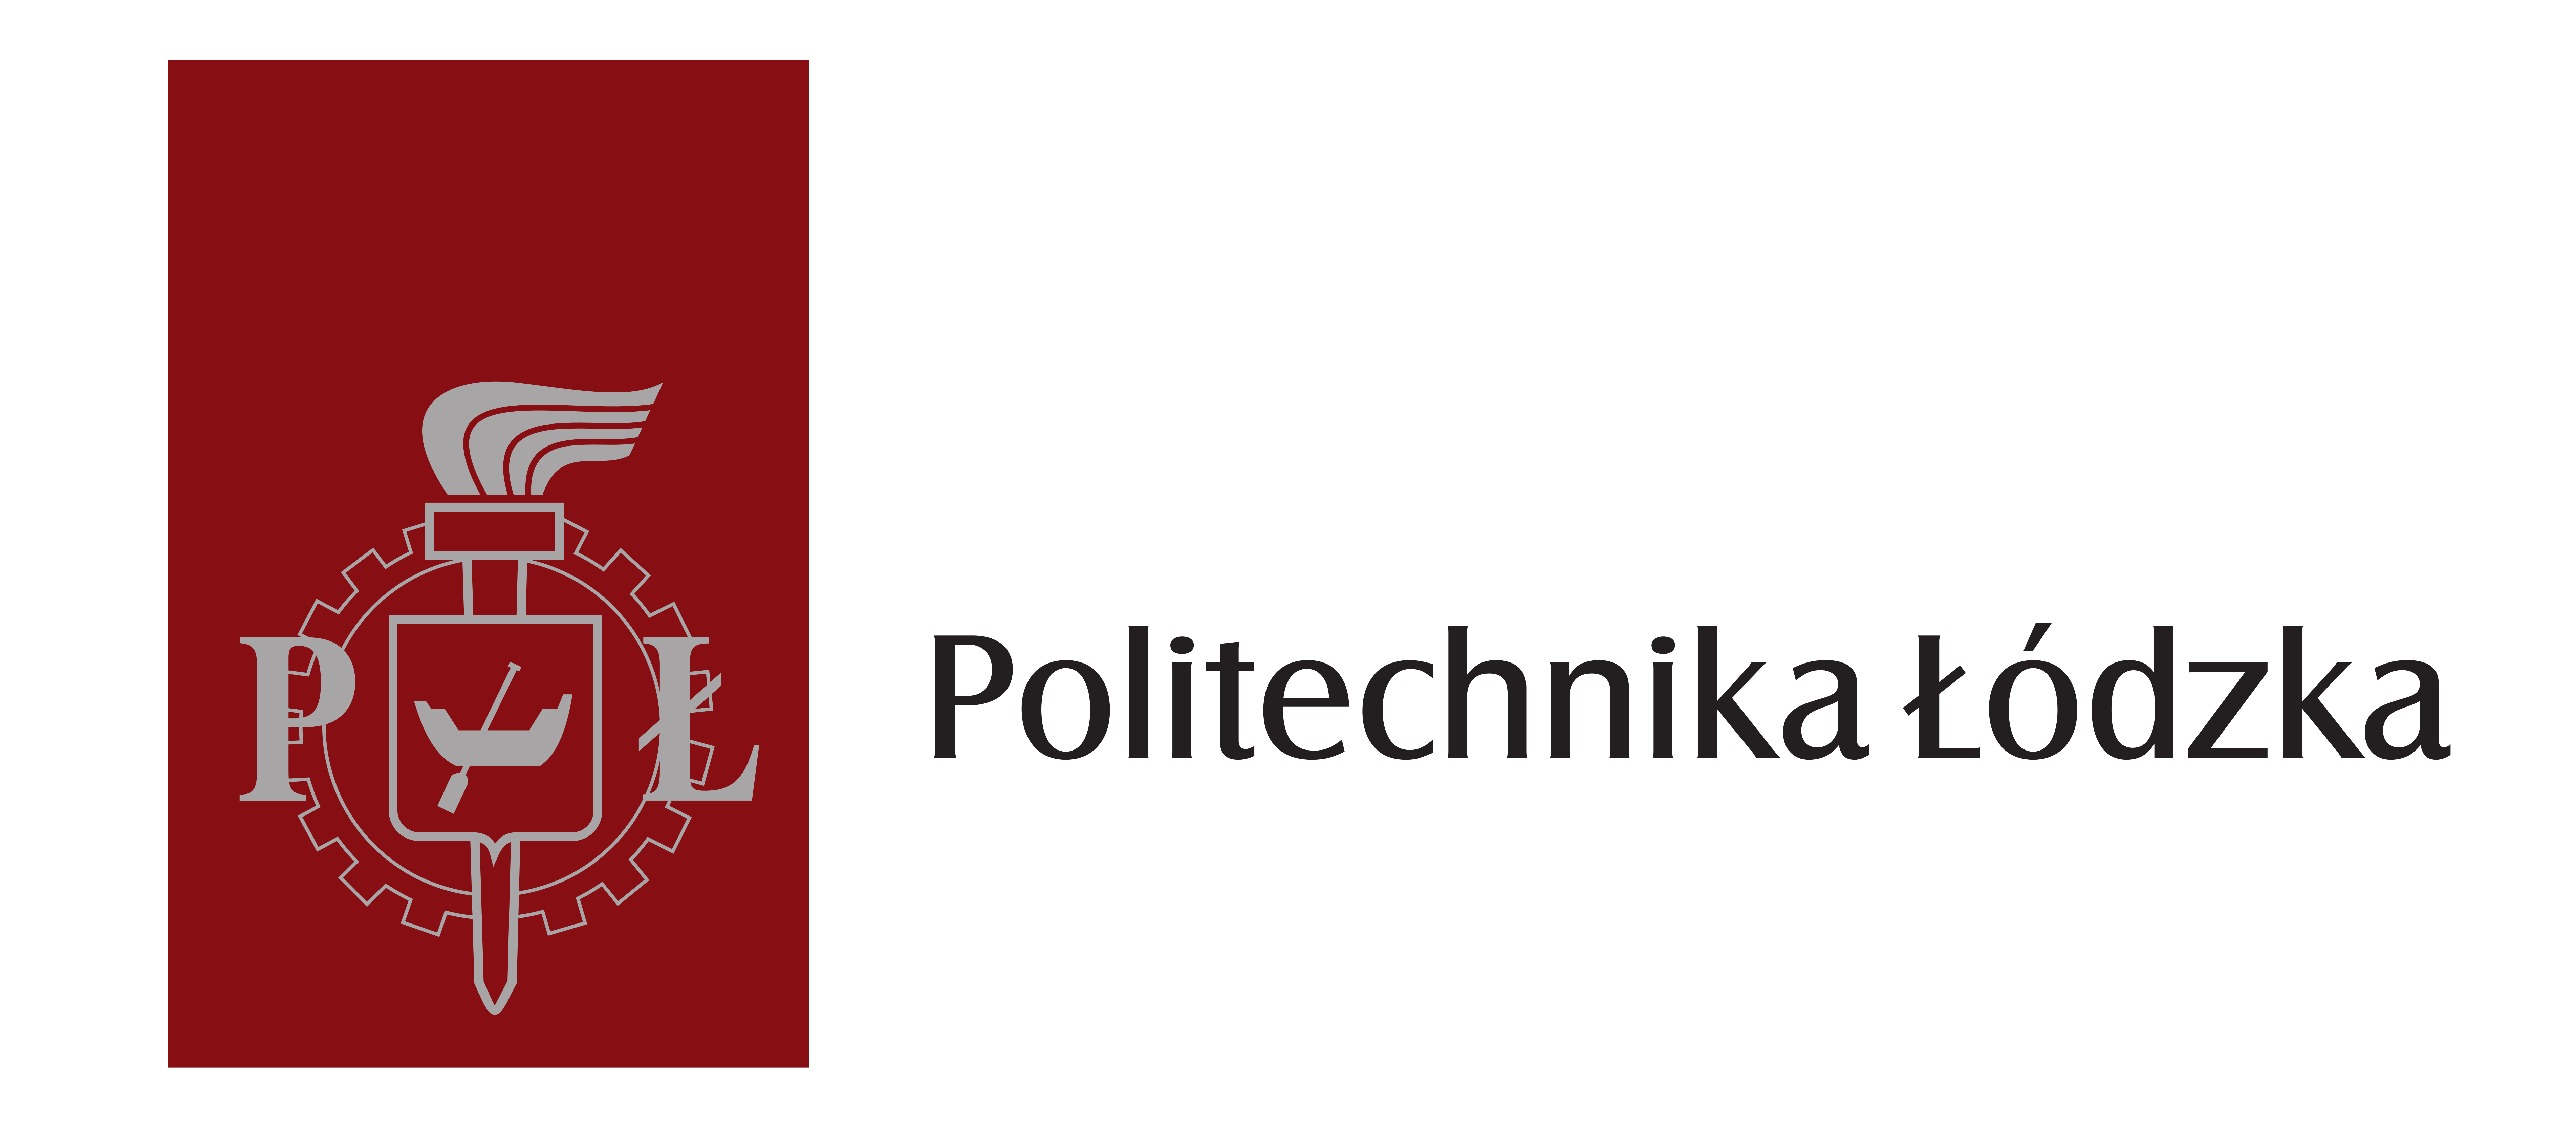 Politechnika Łódzka